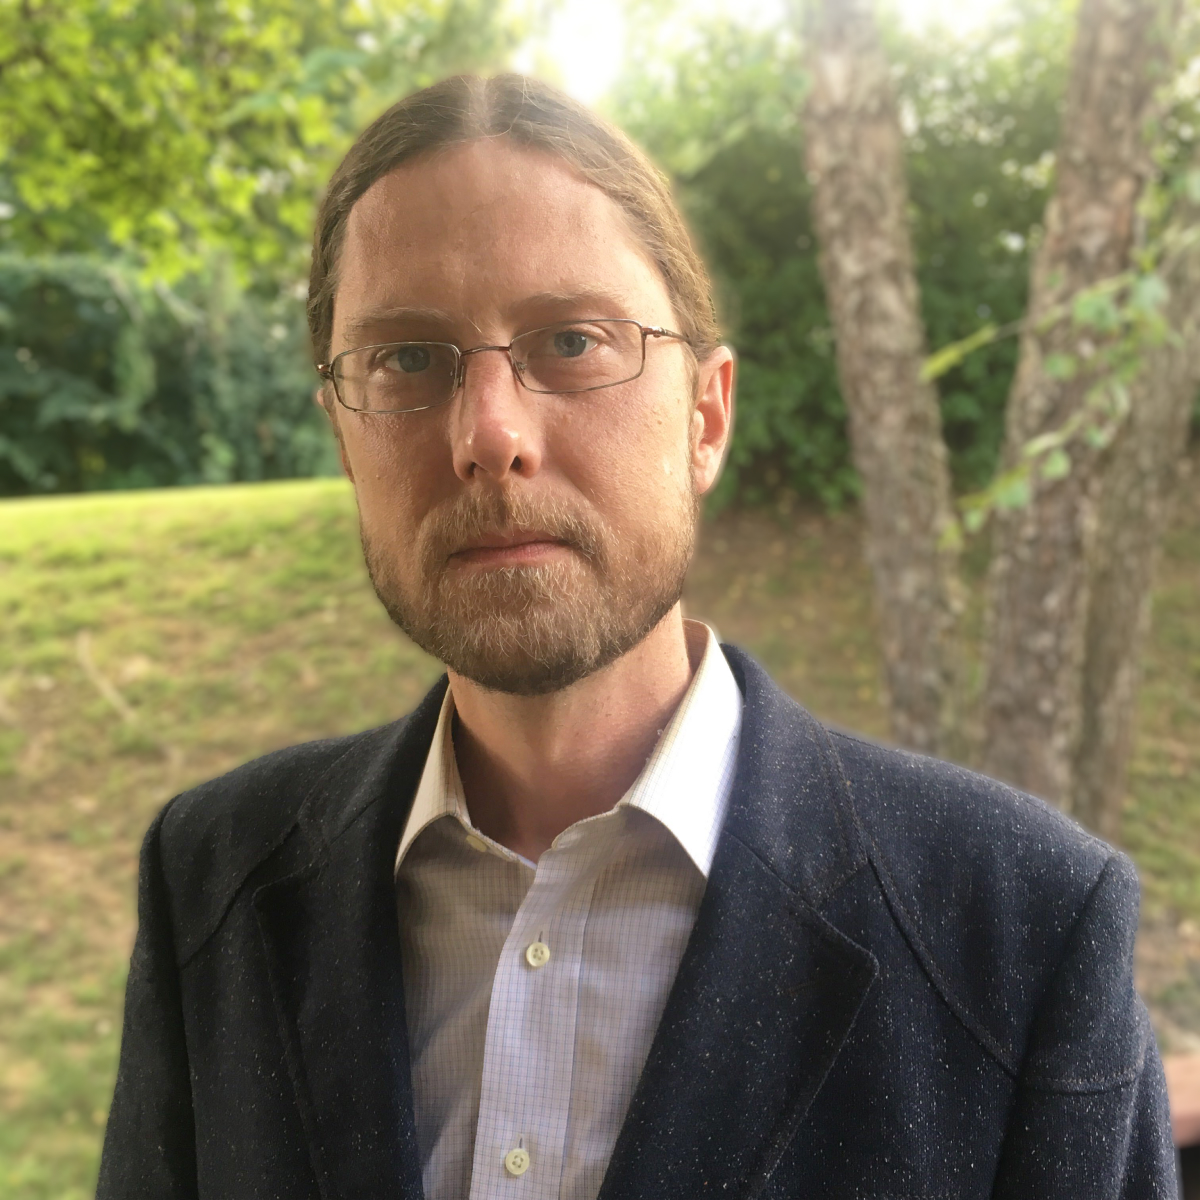 Mark Gramling